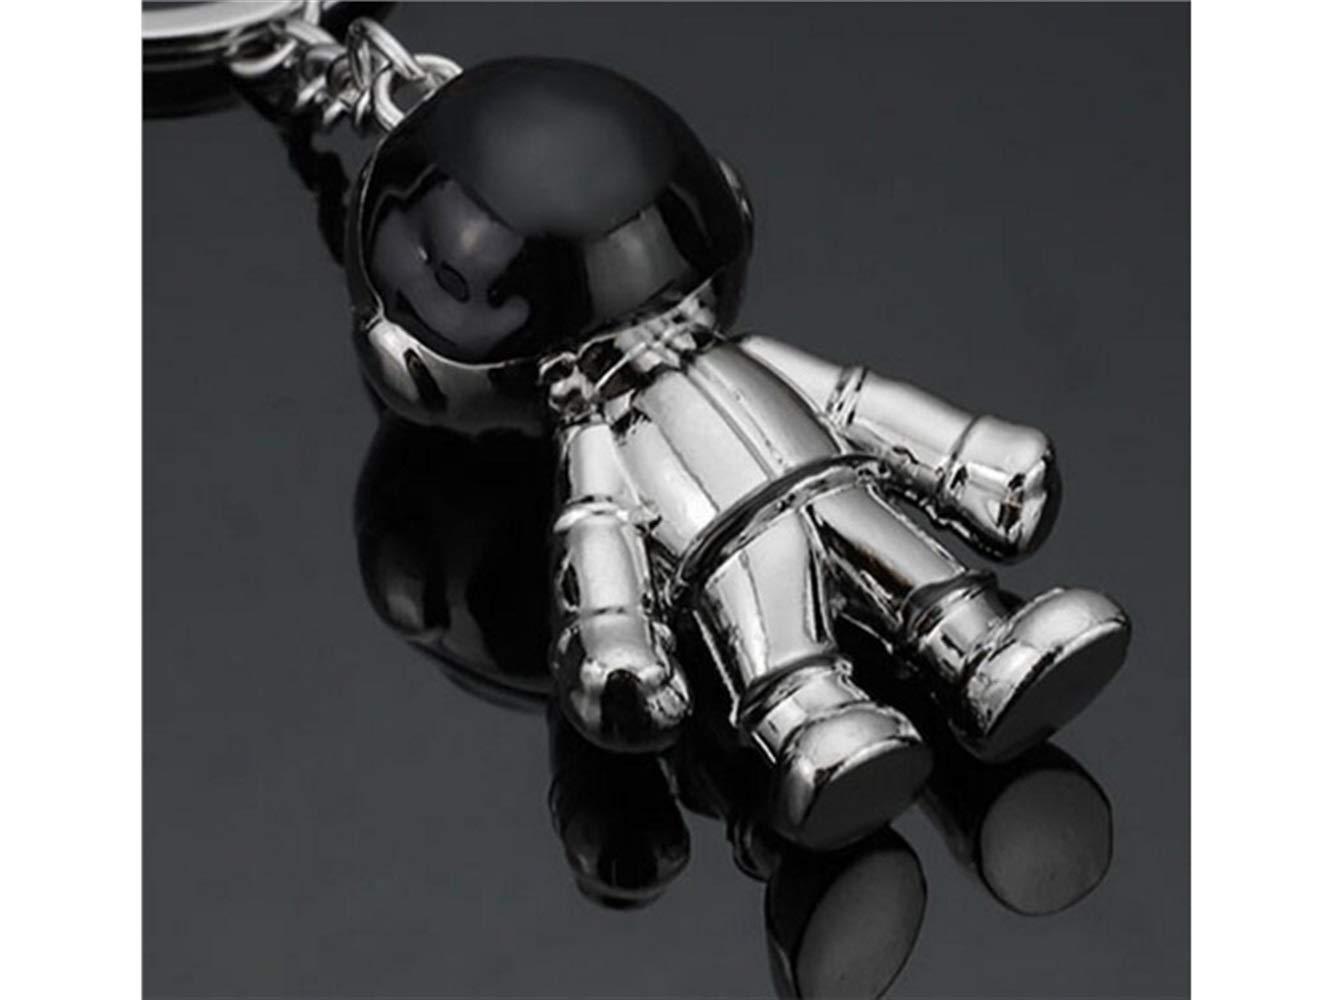 Huertuer keyfob Tridimensionale Astronauta Spazio Robot Pendente Uomini Portachiavi Borsa Decorazione Auto Portachiavi/_Argento Regalo dellamante